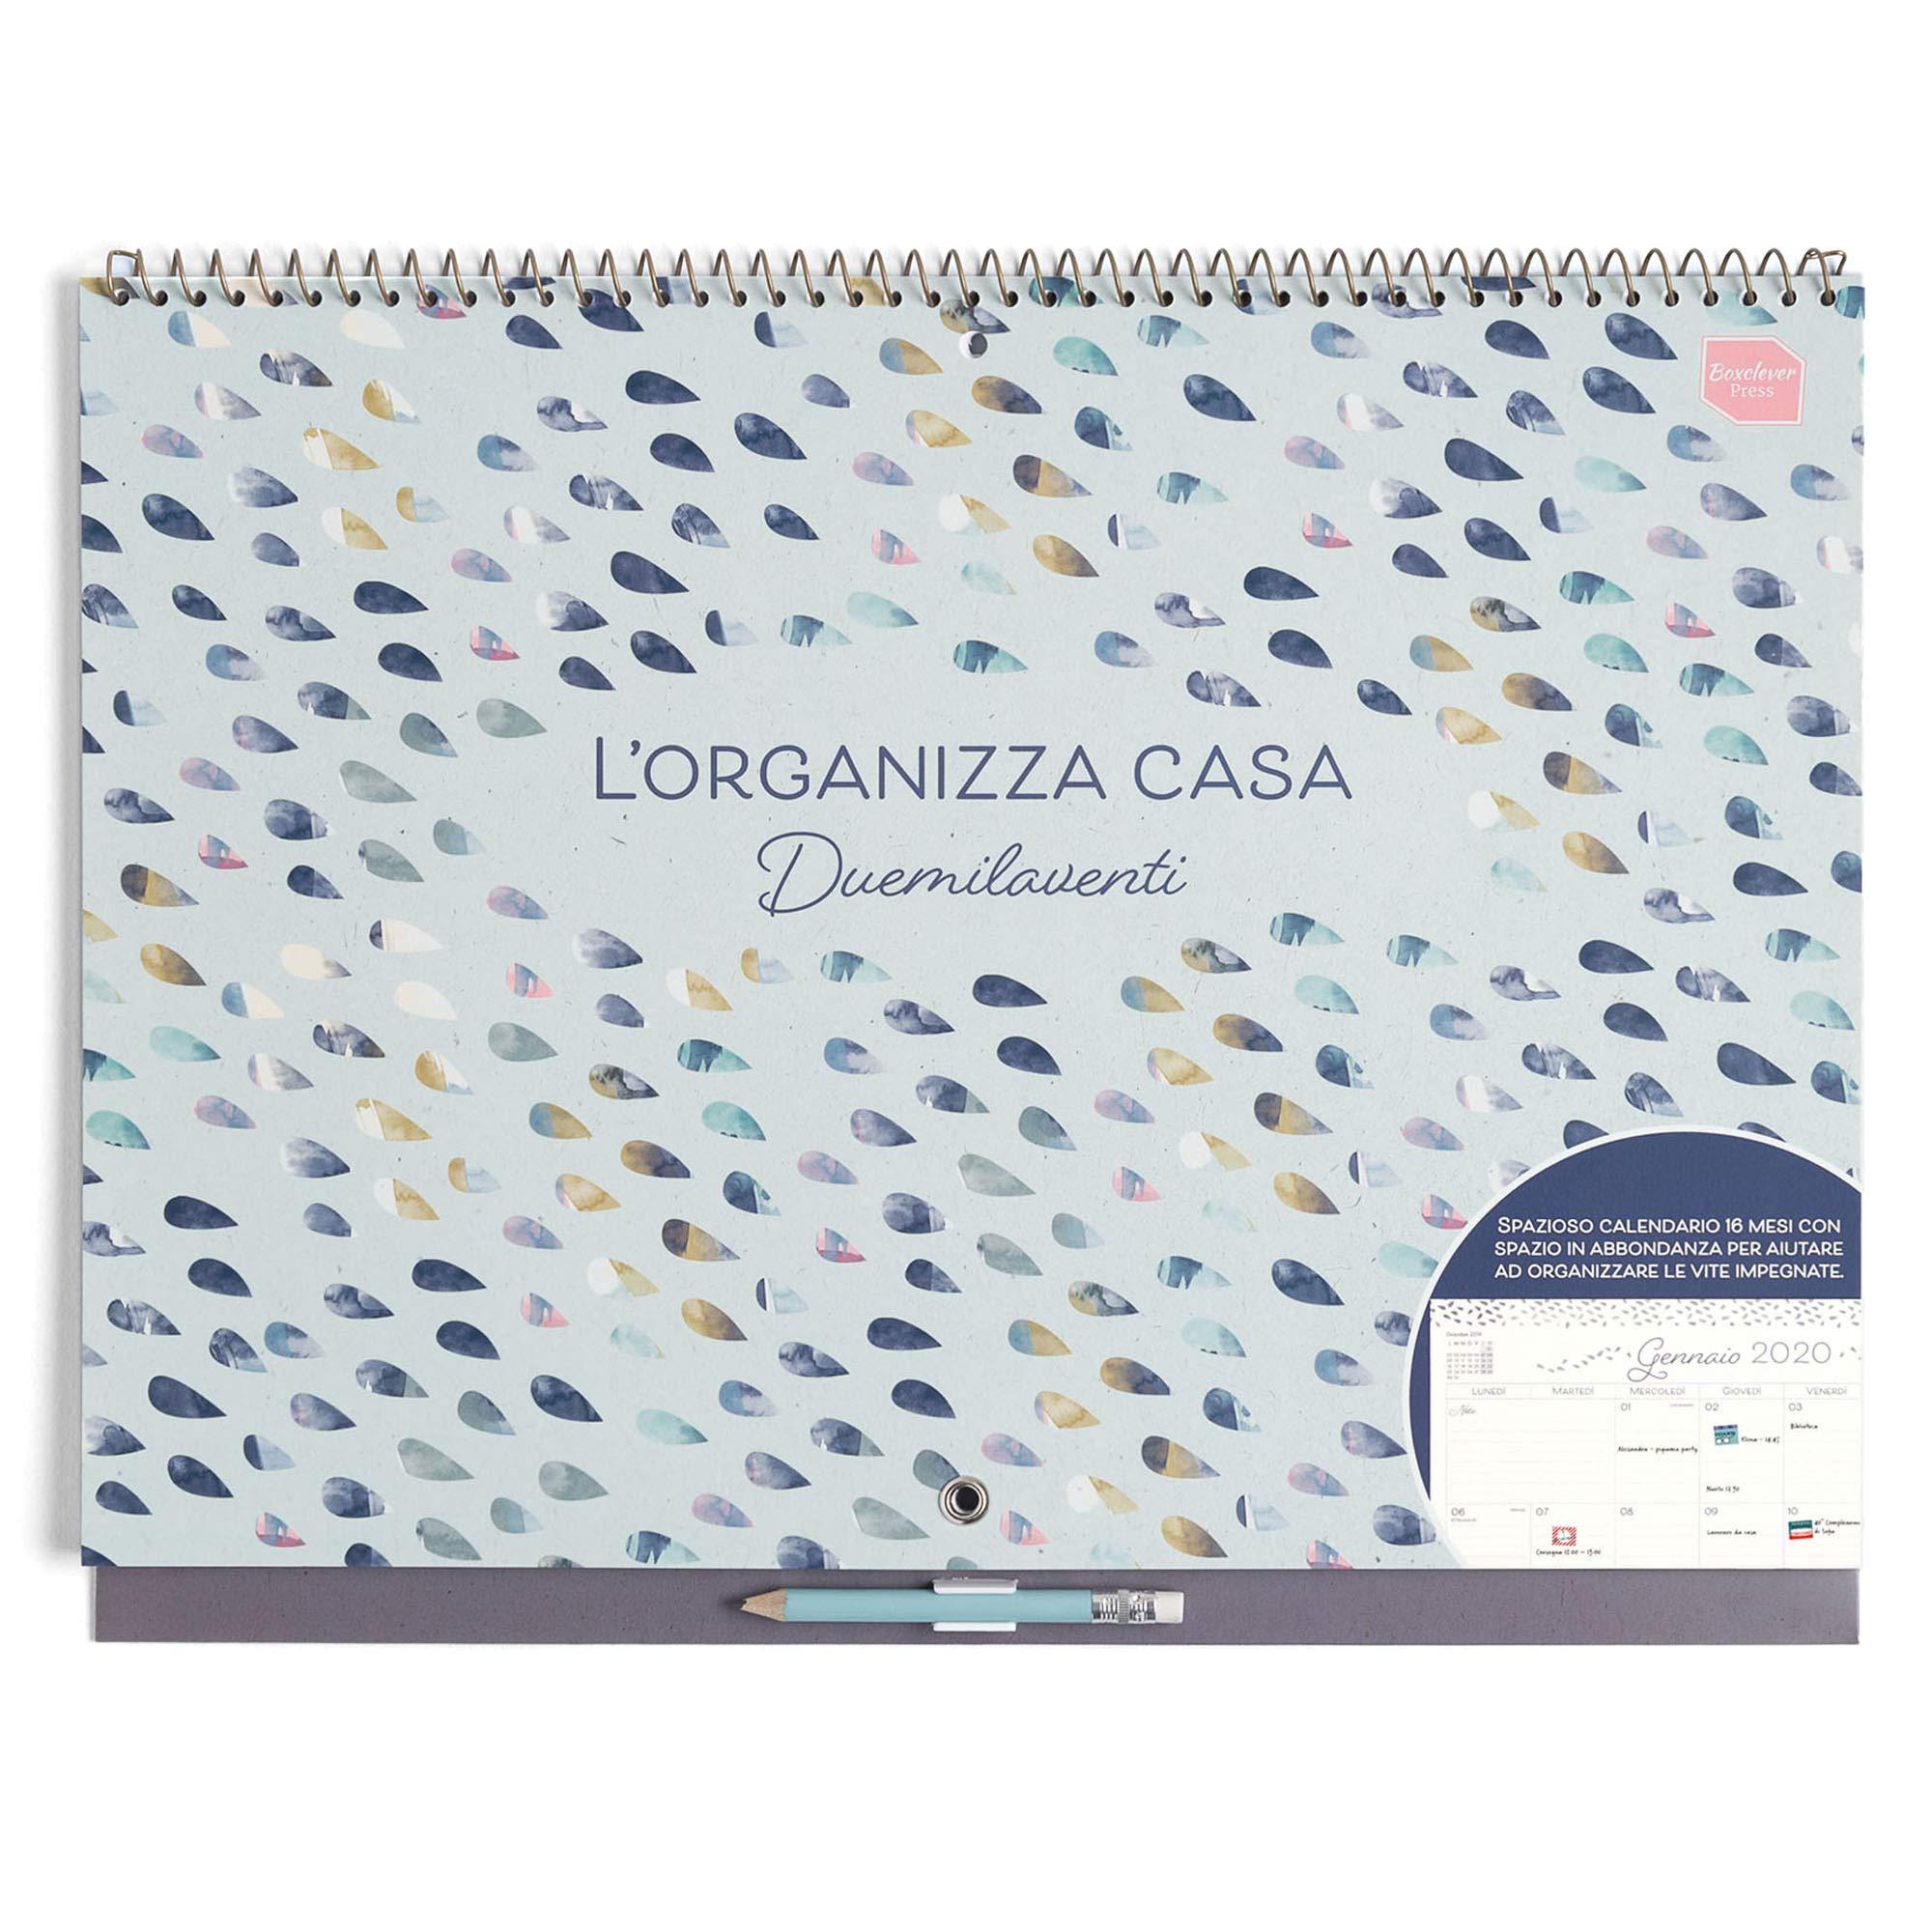 Calendario Accademico 2020.Boxclever Press L Organizza Casa Calendario Mensile 2019 2020 Calendario 2019 Da Muro Accademico In Italiano Con Ampio Spazio Inizia Da Settembre